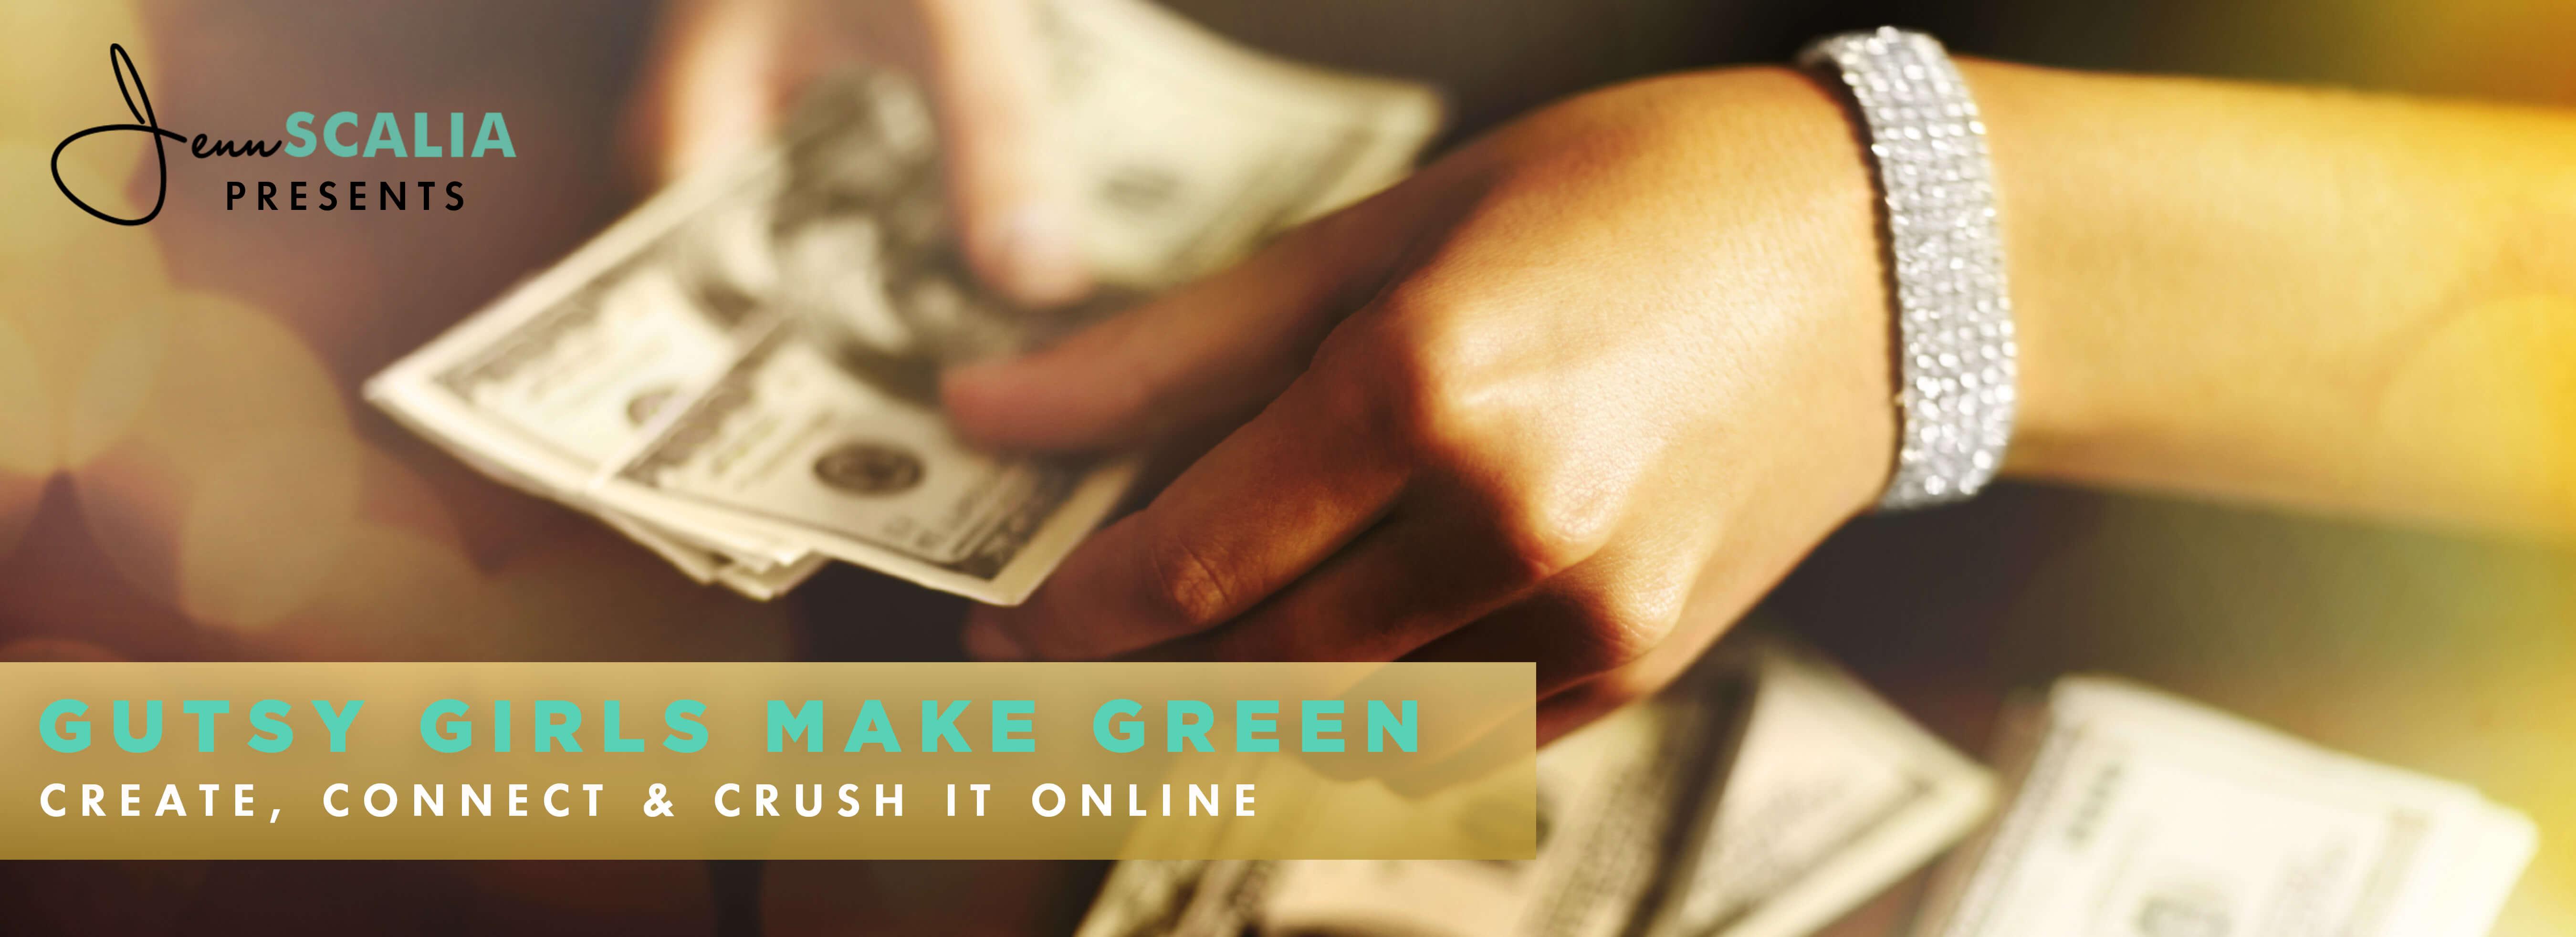 Gutsy-Girls-Make-Green-6